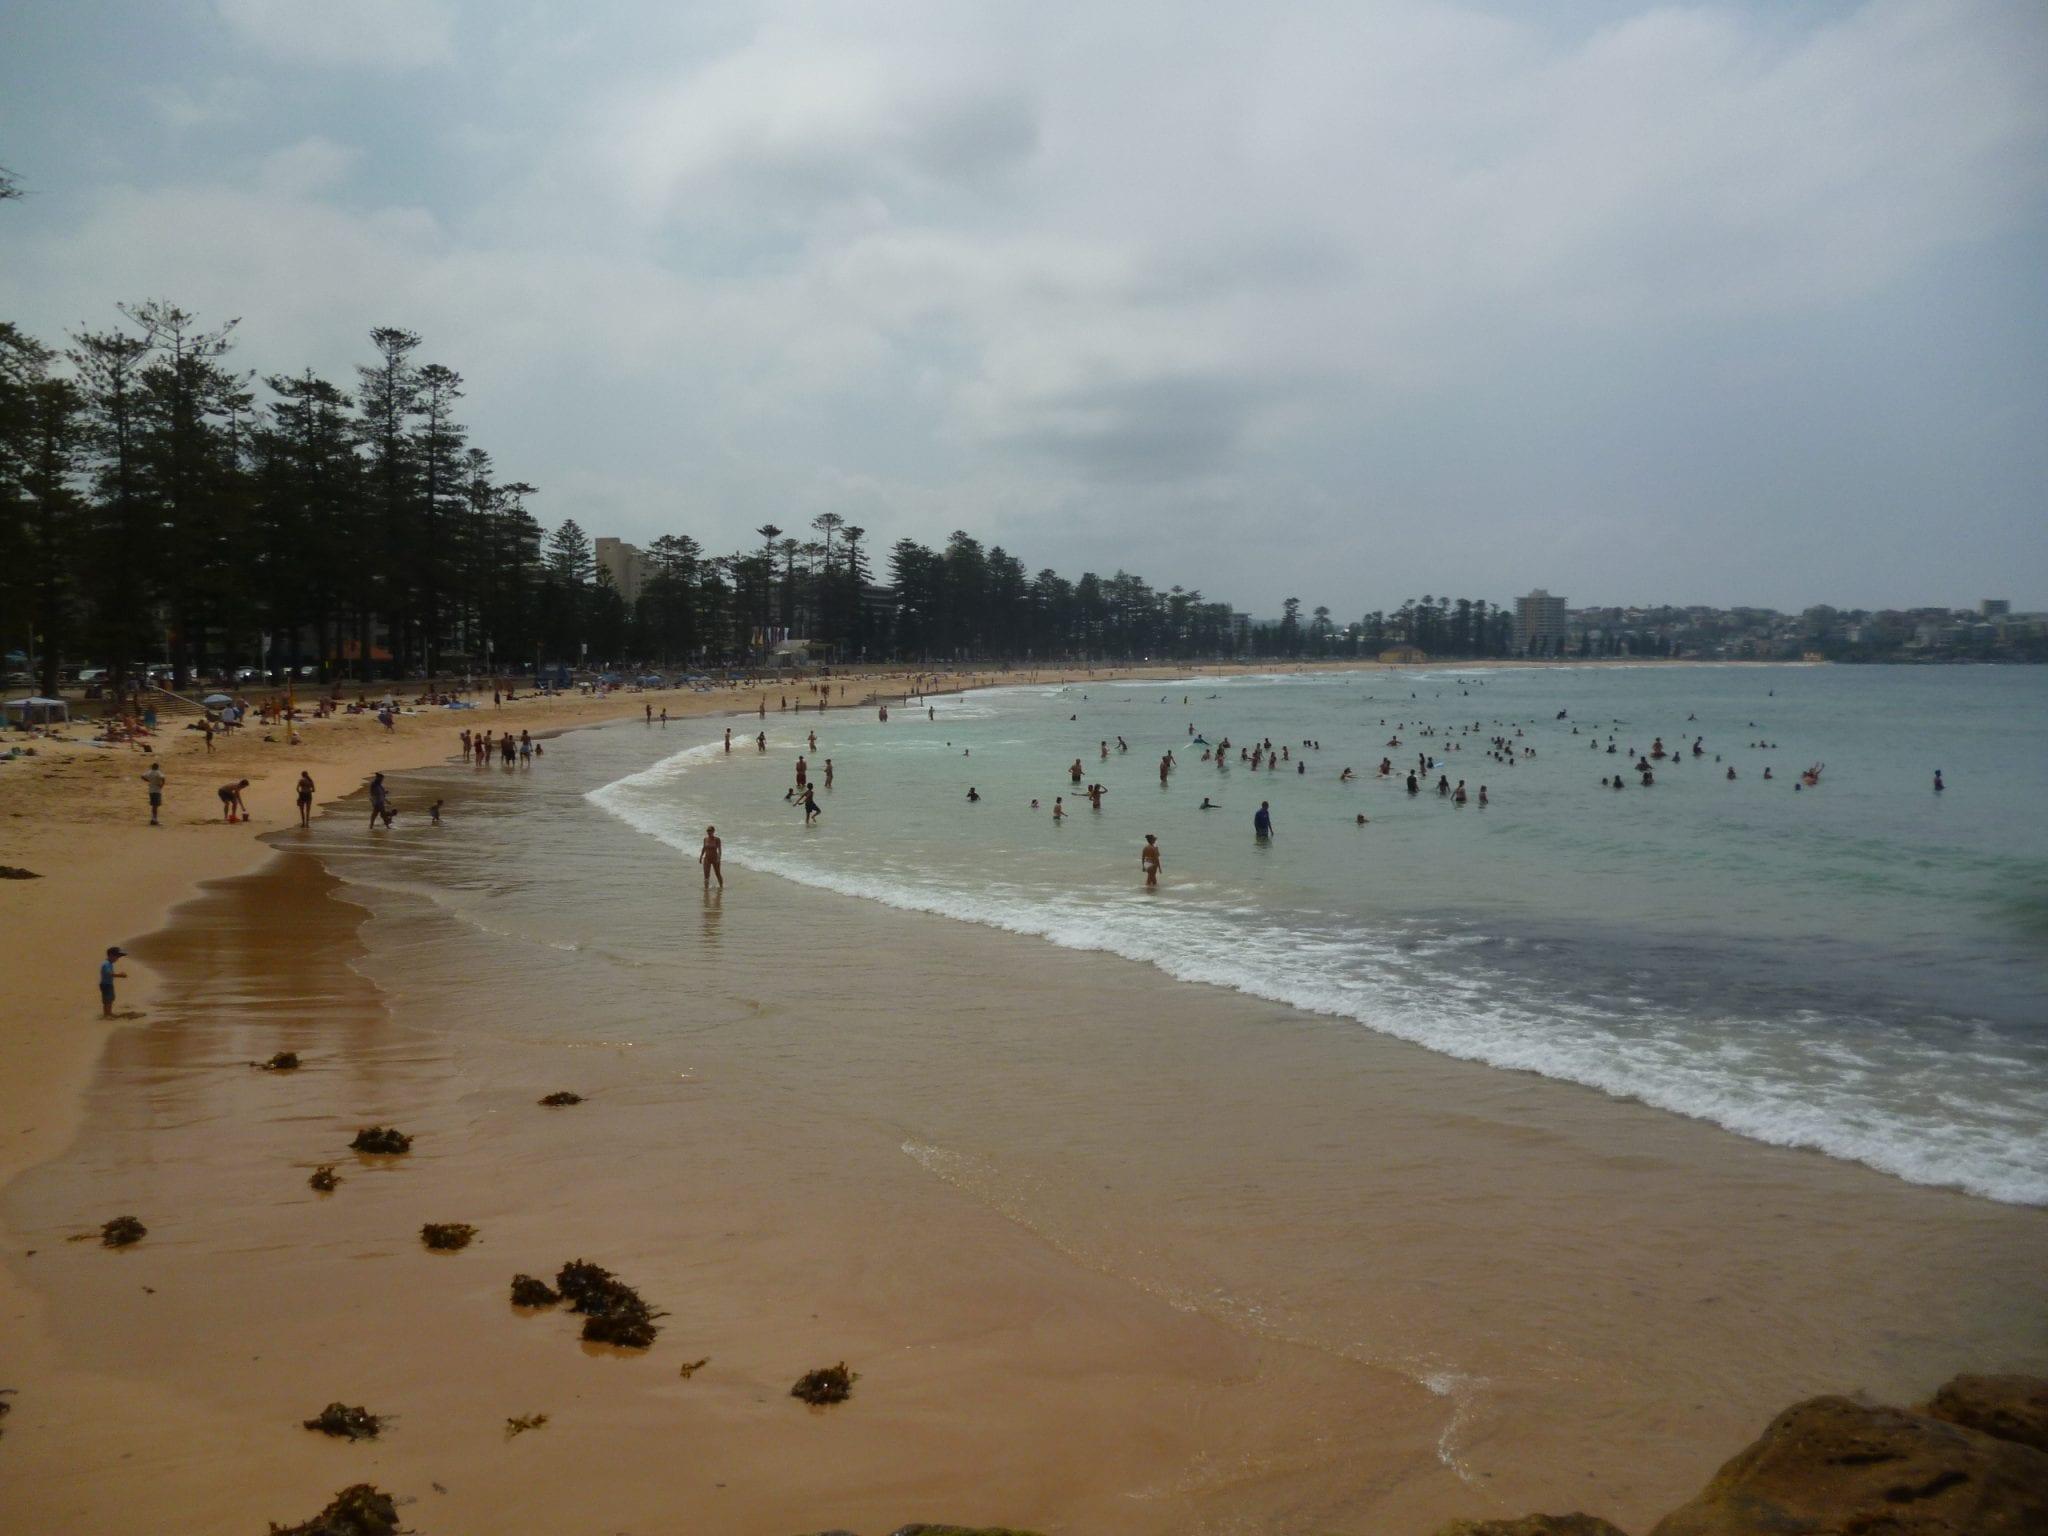 Manly Beach-Linda Ballou